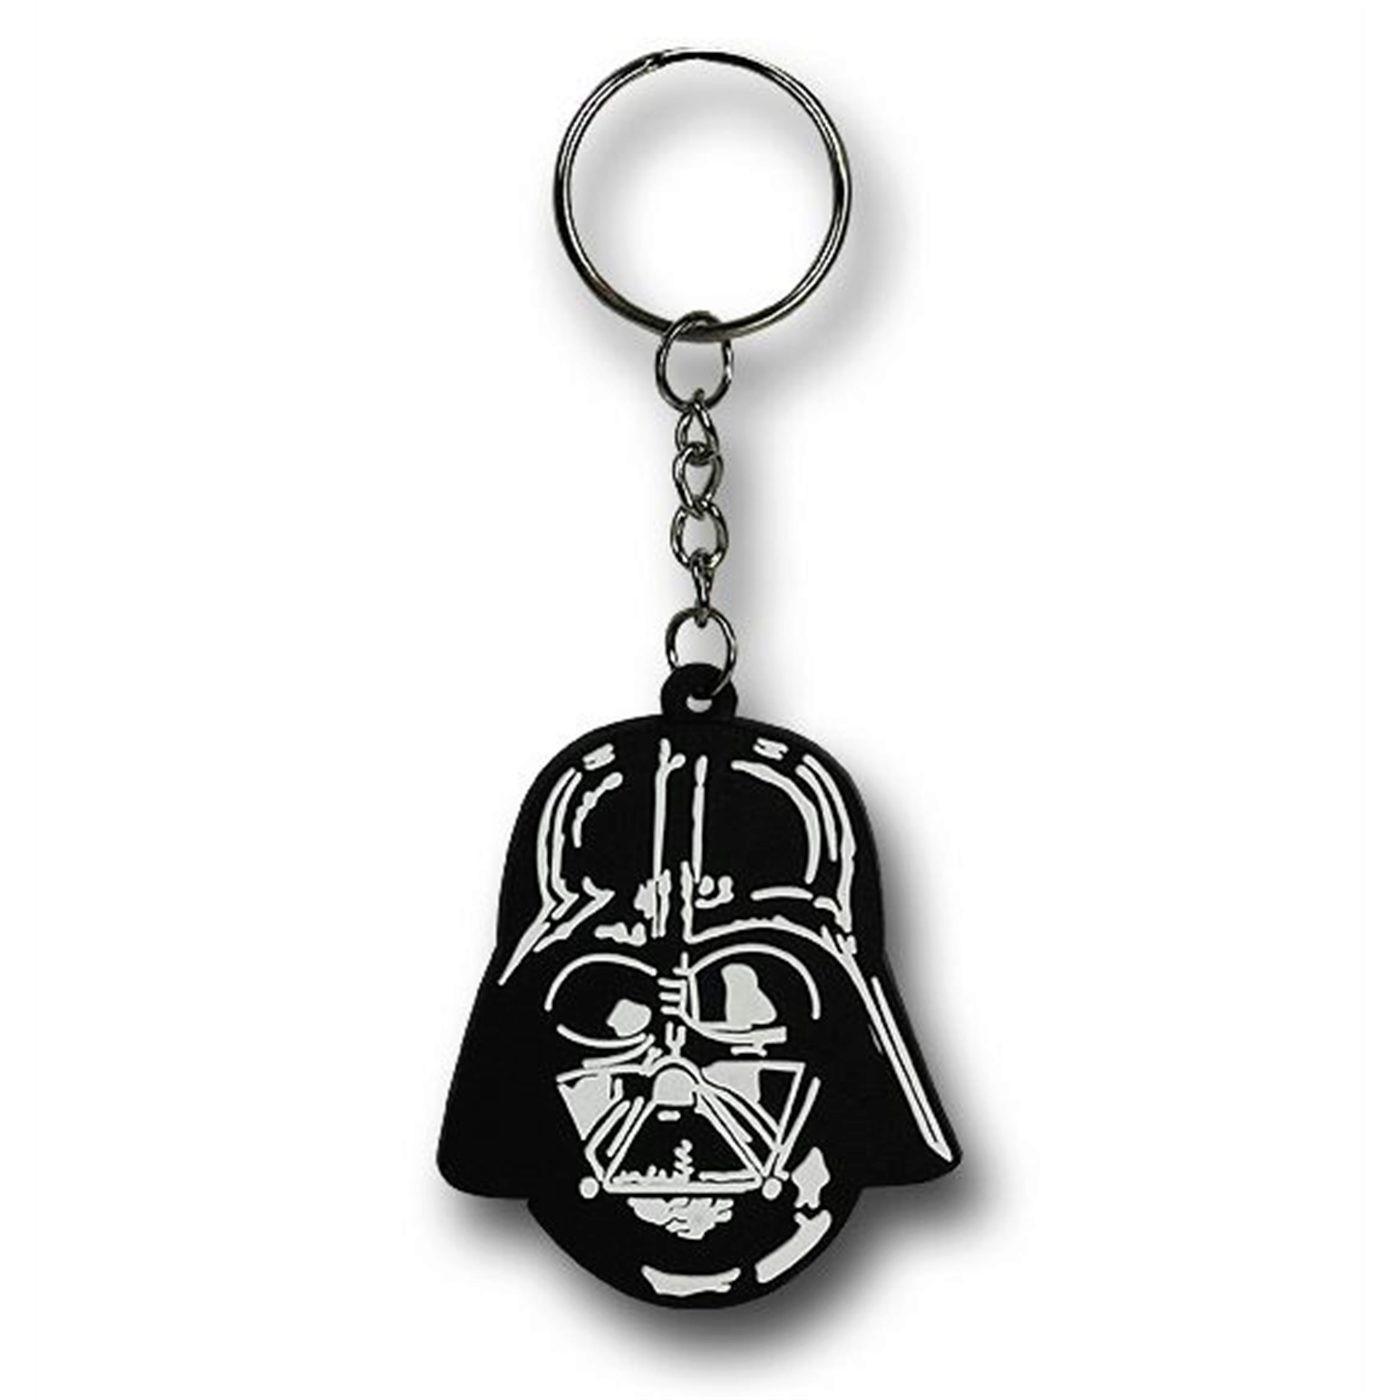 Star Wars Classic Darth Vader Helmet PVC Keychain